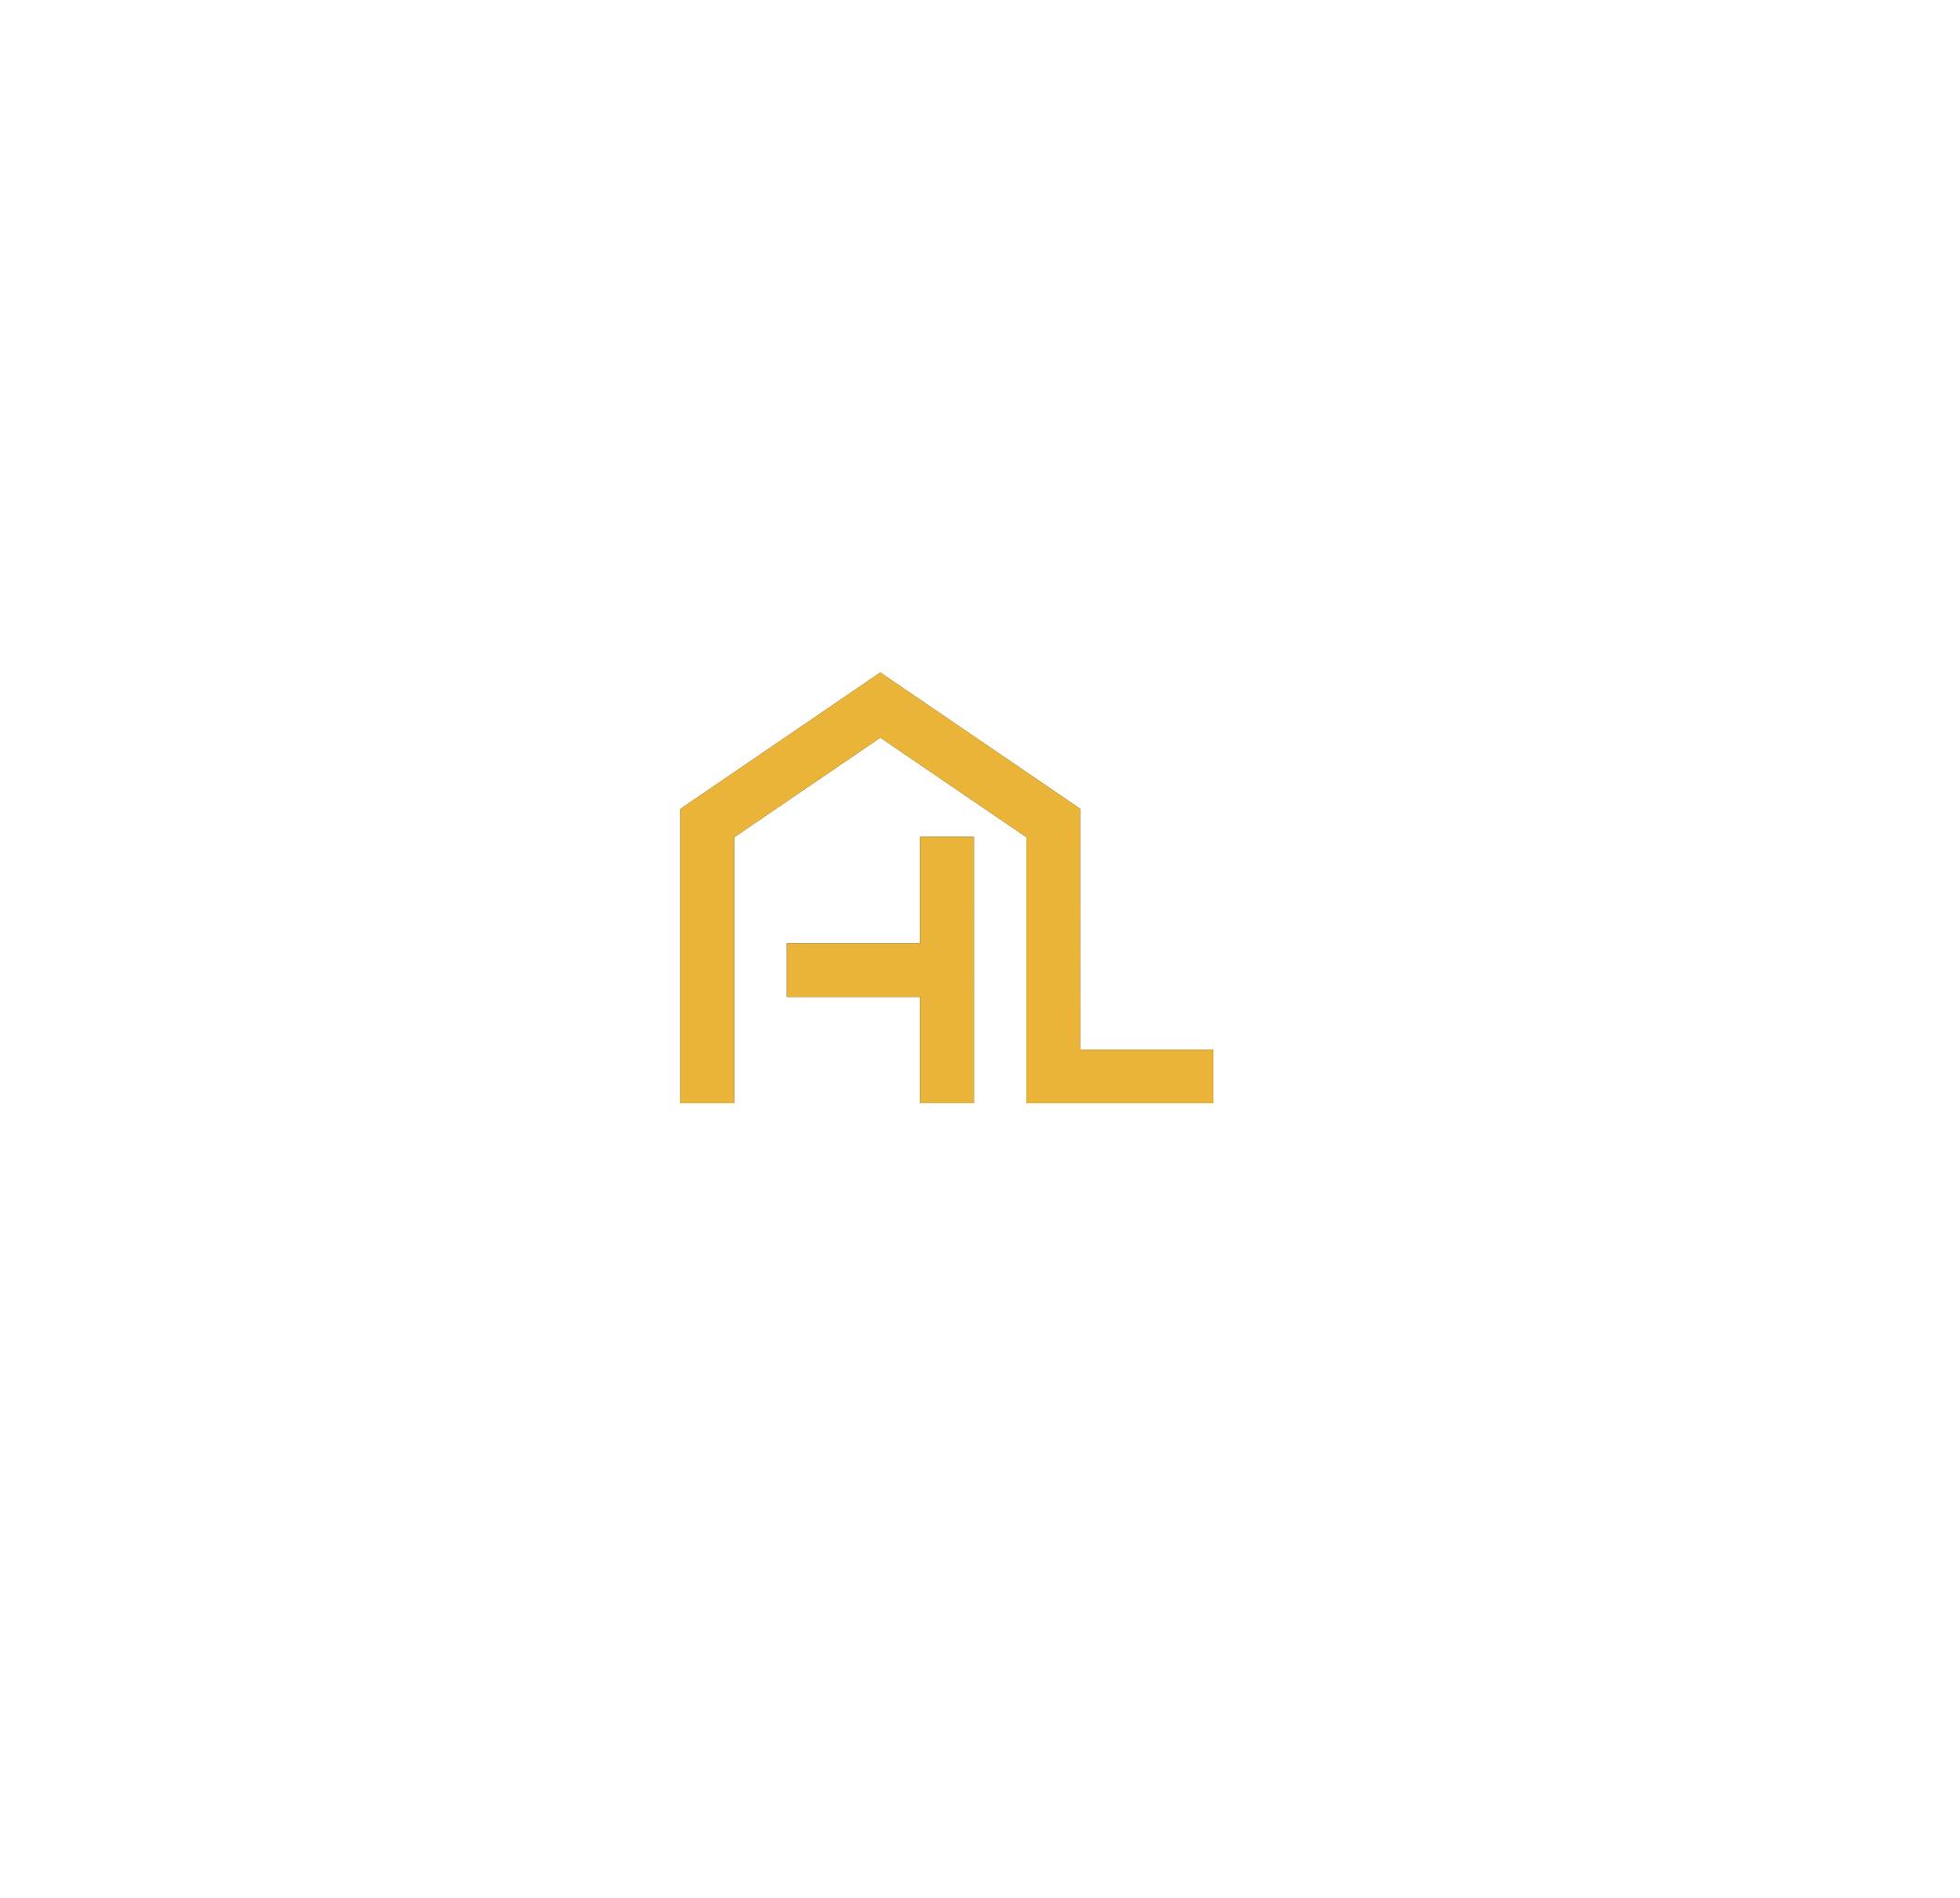 长沙恒丽软装有限公司的企业标志